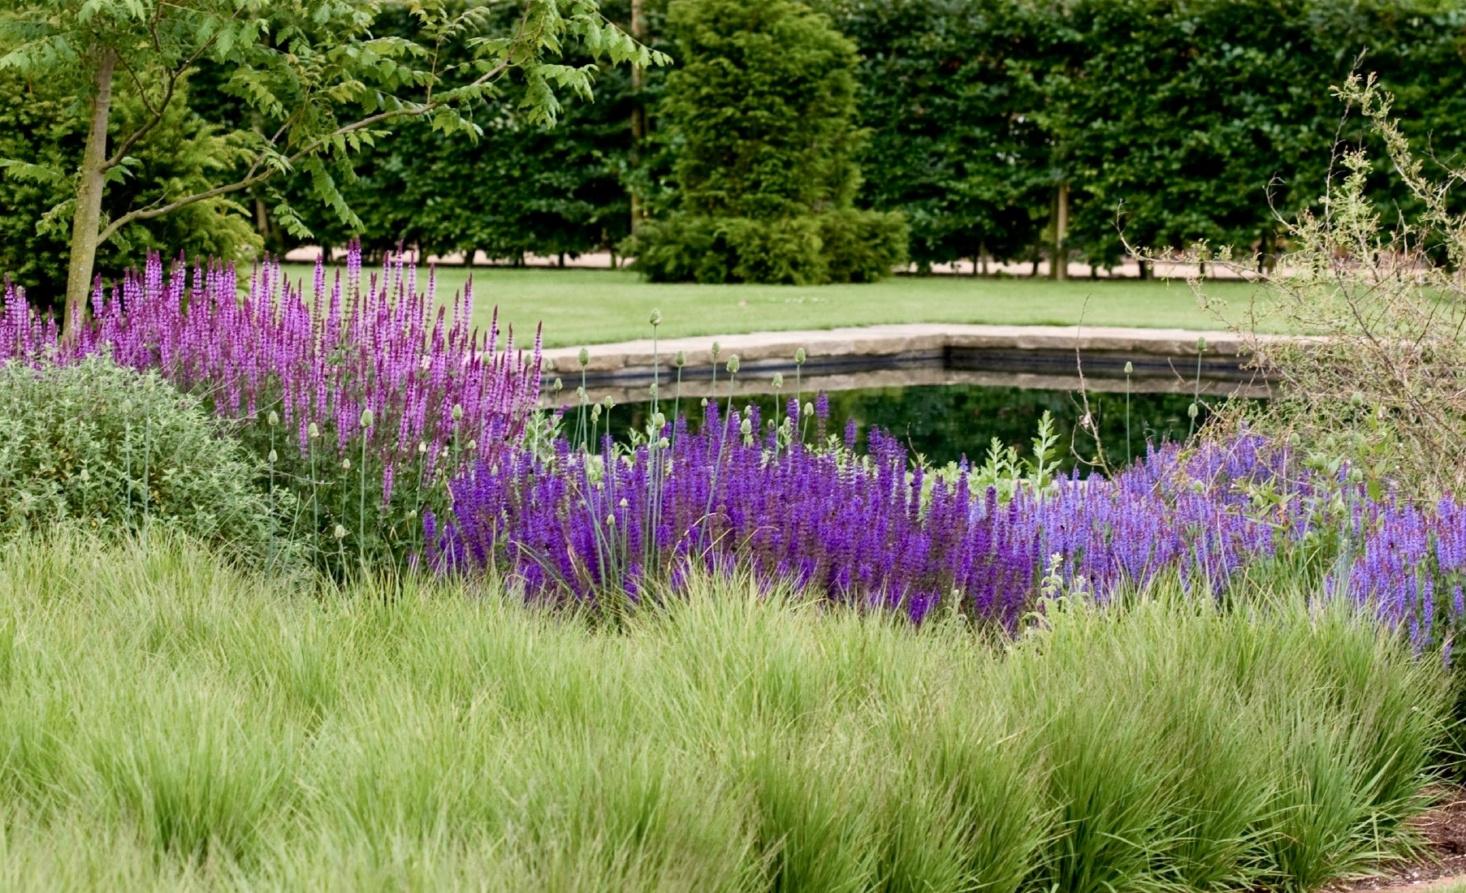 scampston-garden-yorkshire-perennial-grasses-piet-oudolf-alh1-flickr-1466x893.jpg